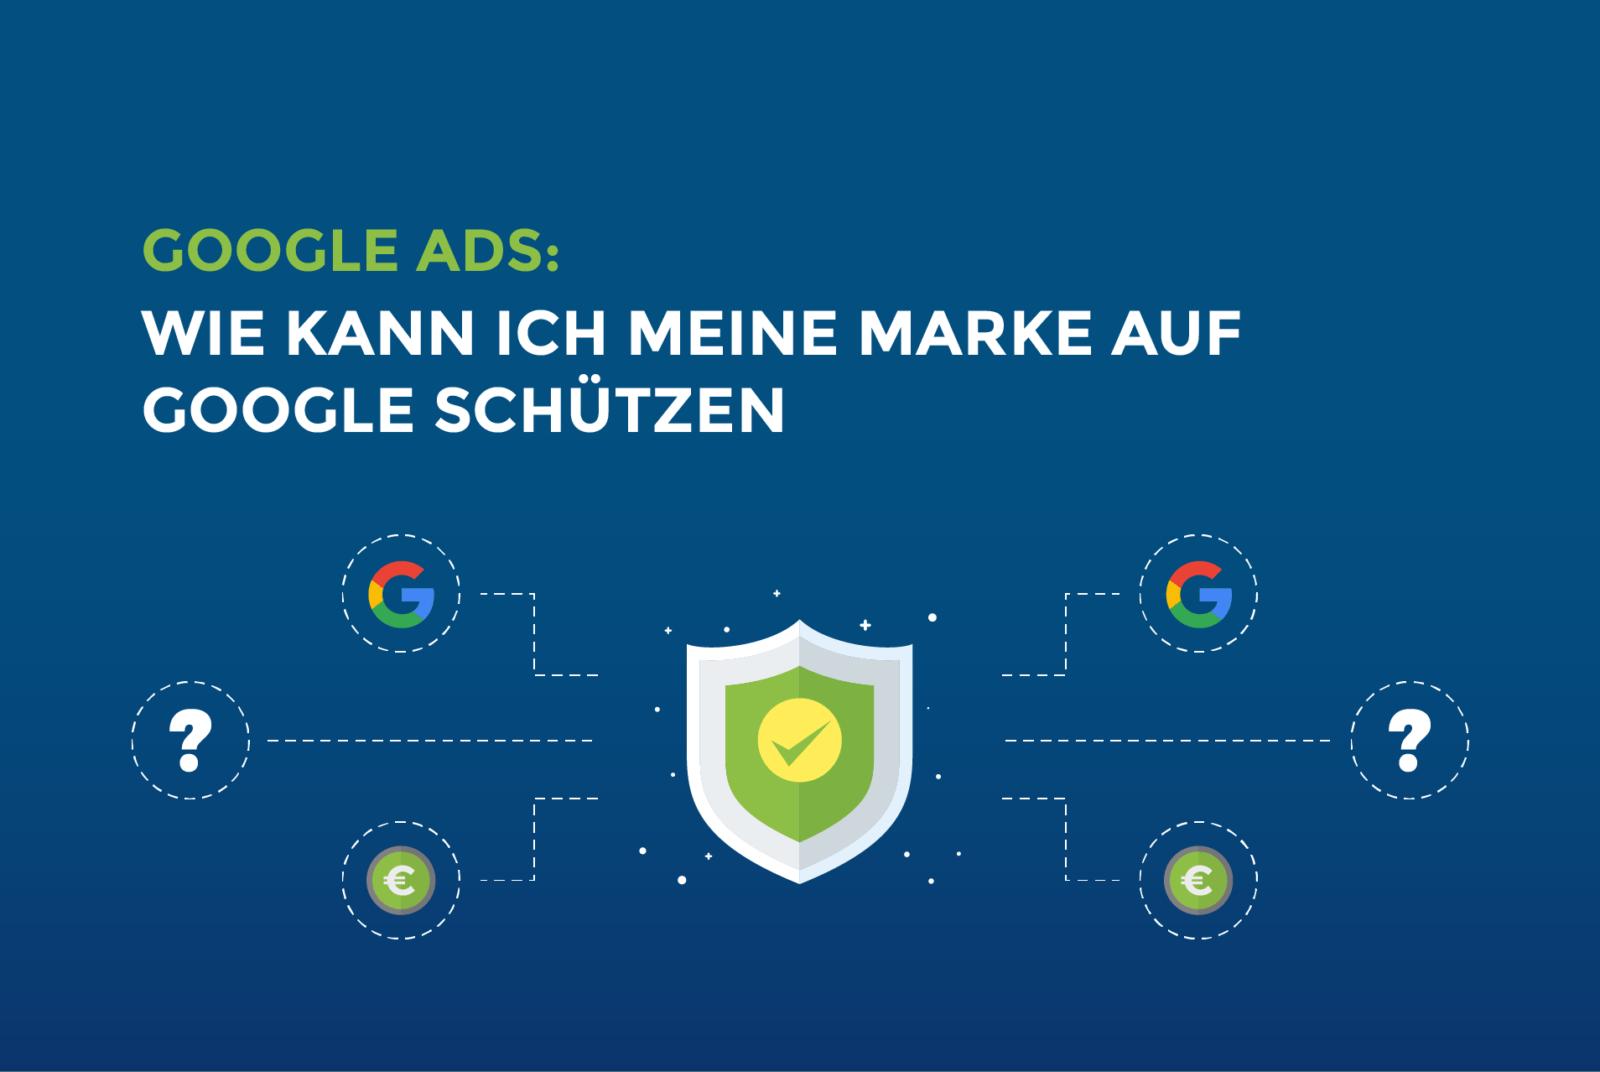 Google_Ads_Wie_kann_ich_meine_Marke_auf_Google_schuetzen